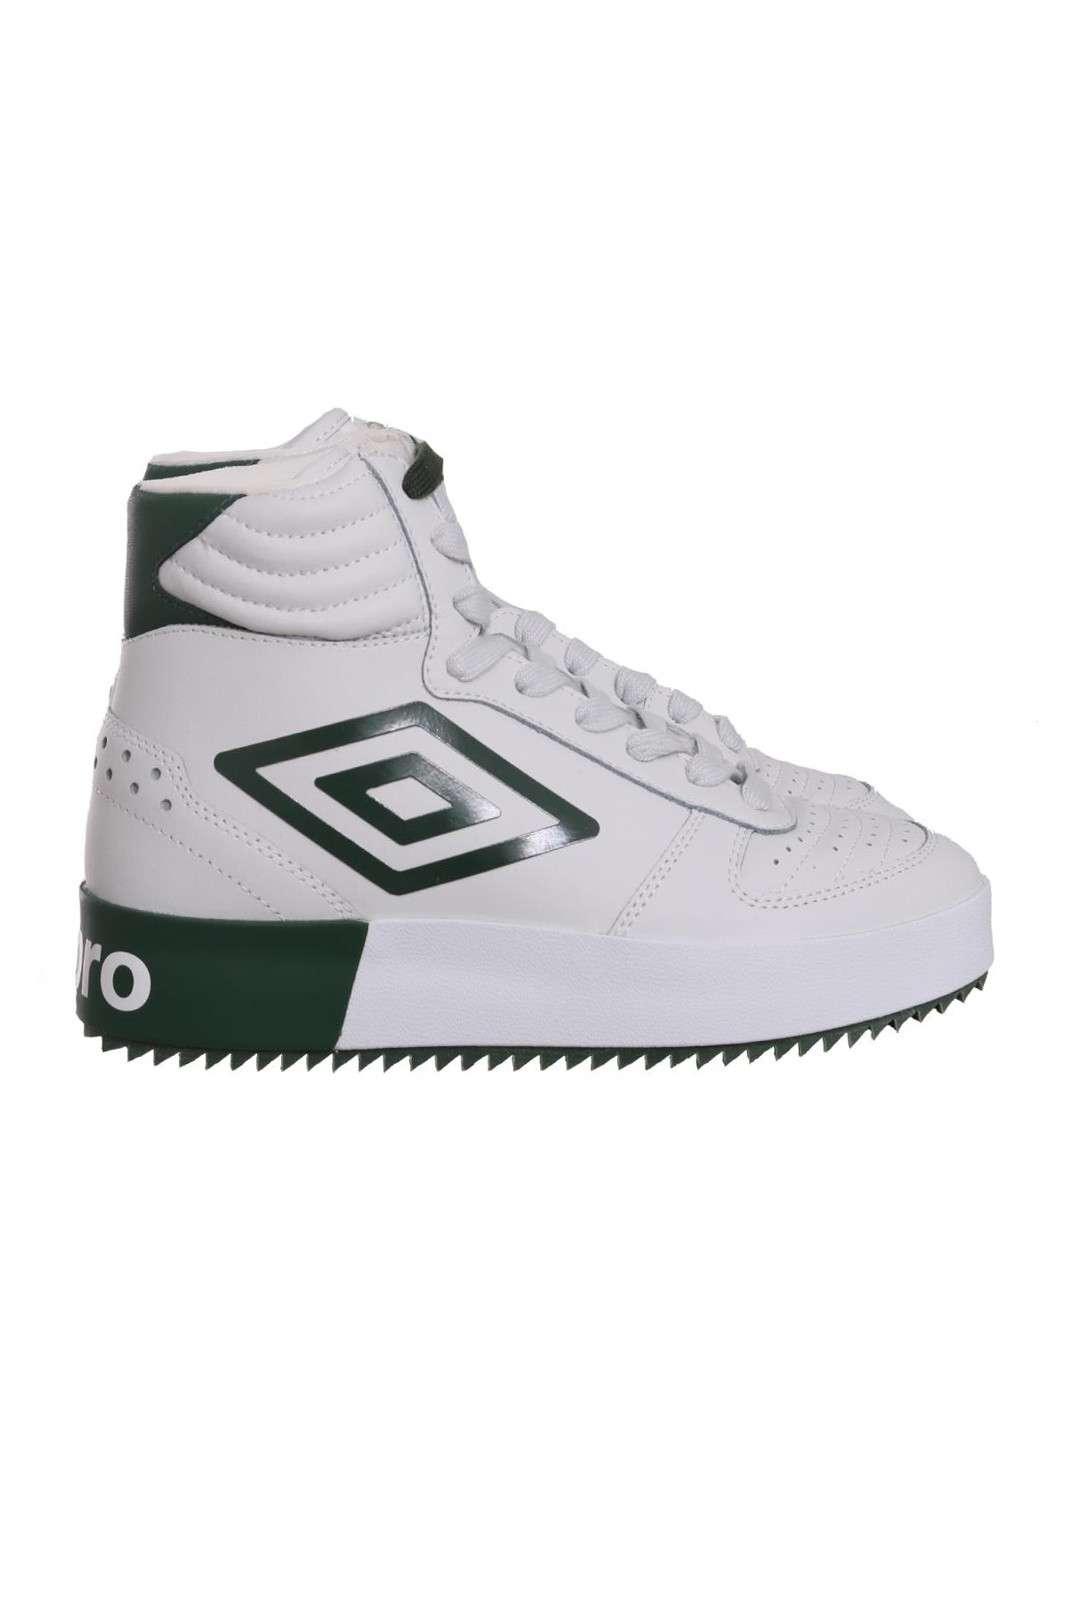 Una sneaker da look urban e metropolitano, quella firmata Umbro. Peretta per outfit quotidiani, casual e alla moda, dove ti farai notare grazie al tuo stile deciso. Per l'uomo che ama calzature sempre di tendeza.